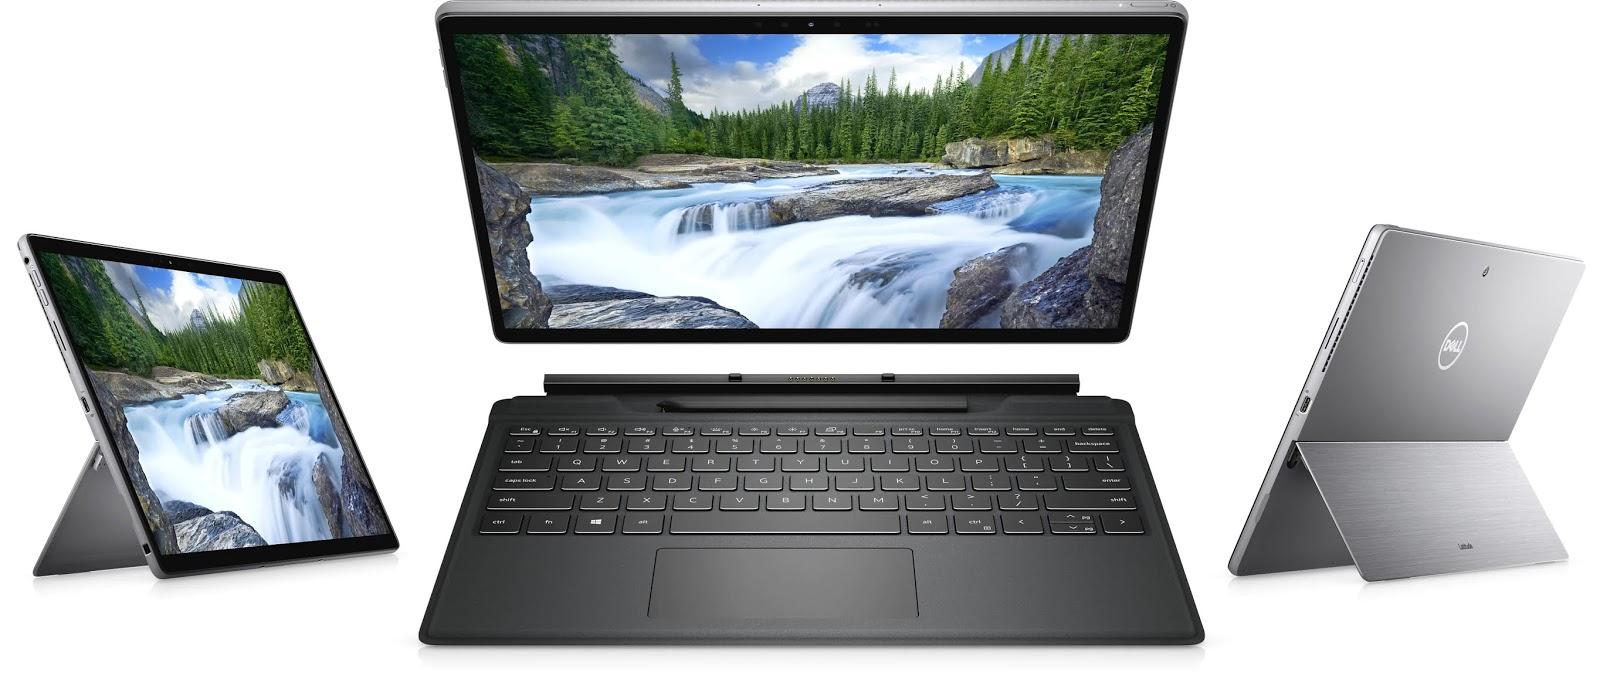 Dell Latitude 7320 Detachable มอบศักยภาพที่แตกต่าง รองรับวันทำงานที่หลากหลาย